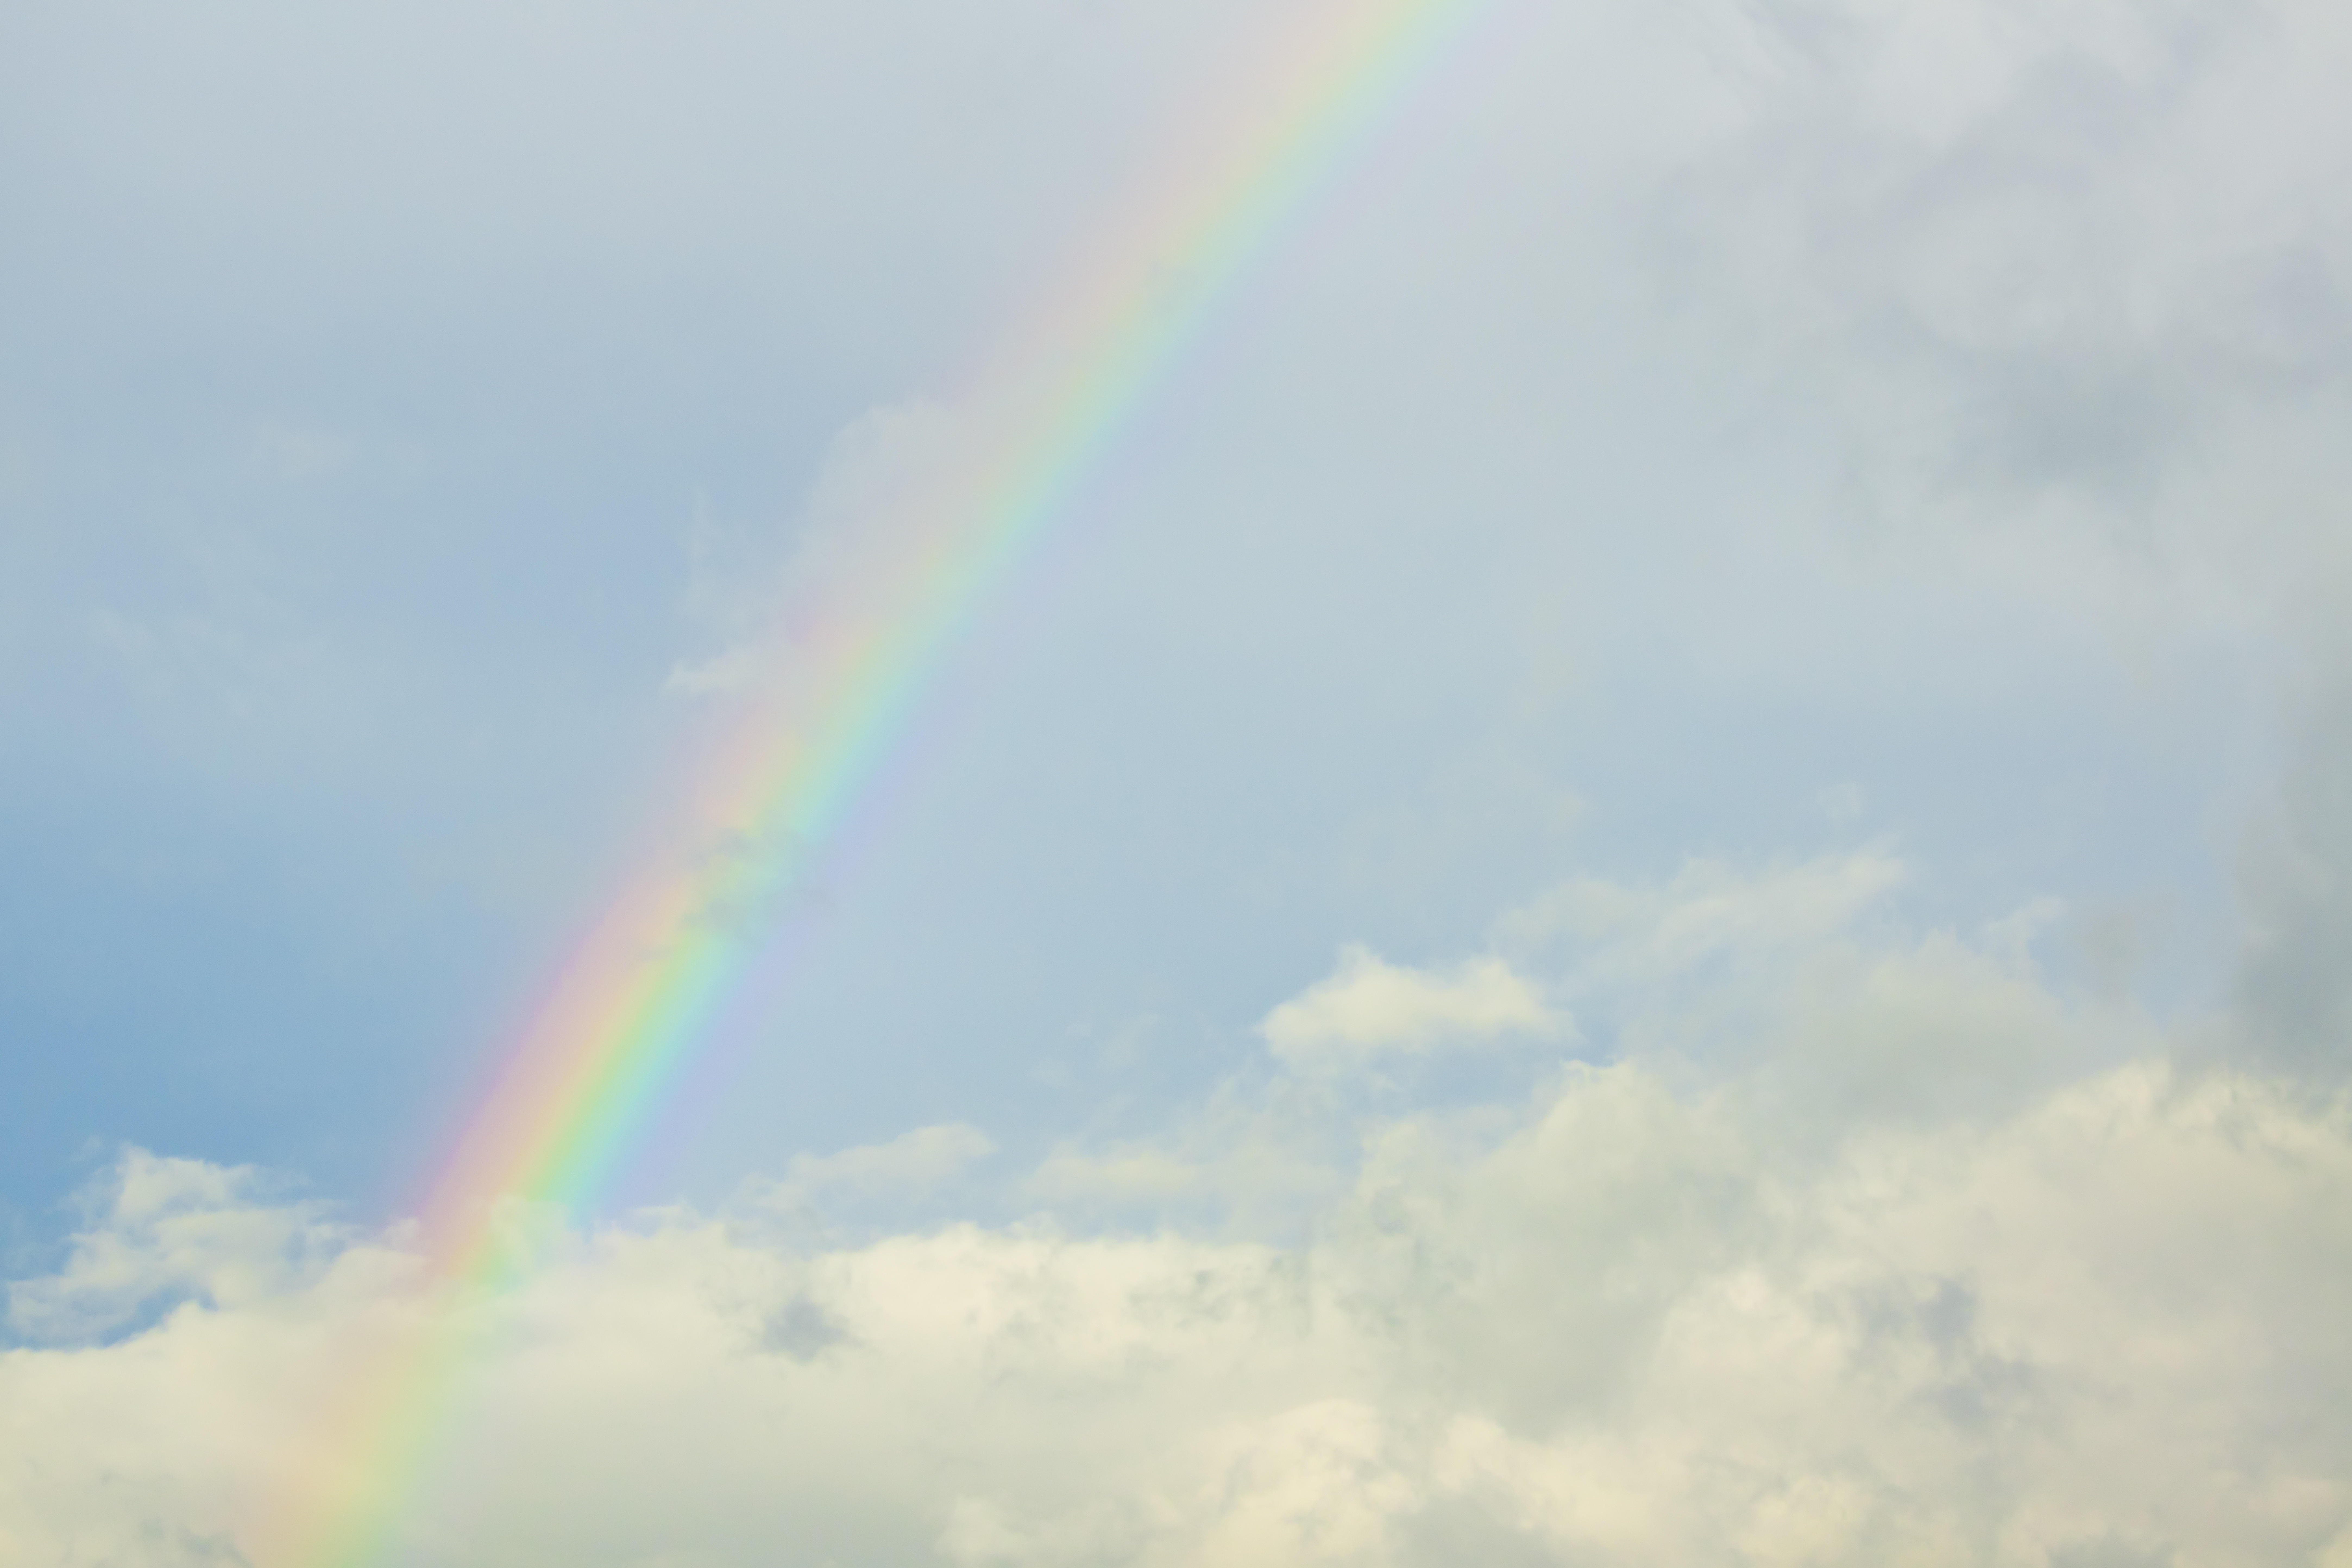 A rainbow seen on a sunny afternoon following rain.